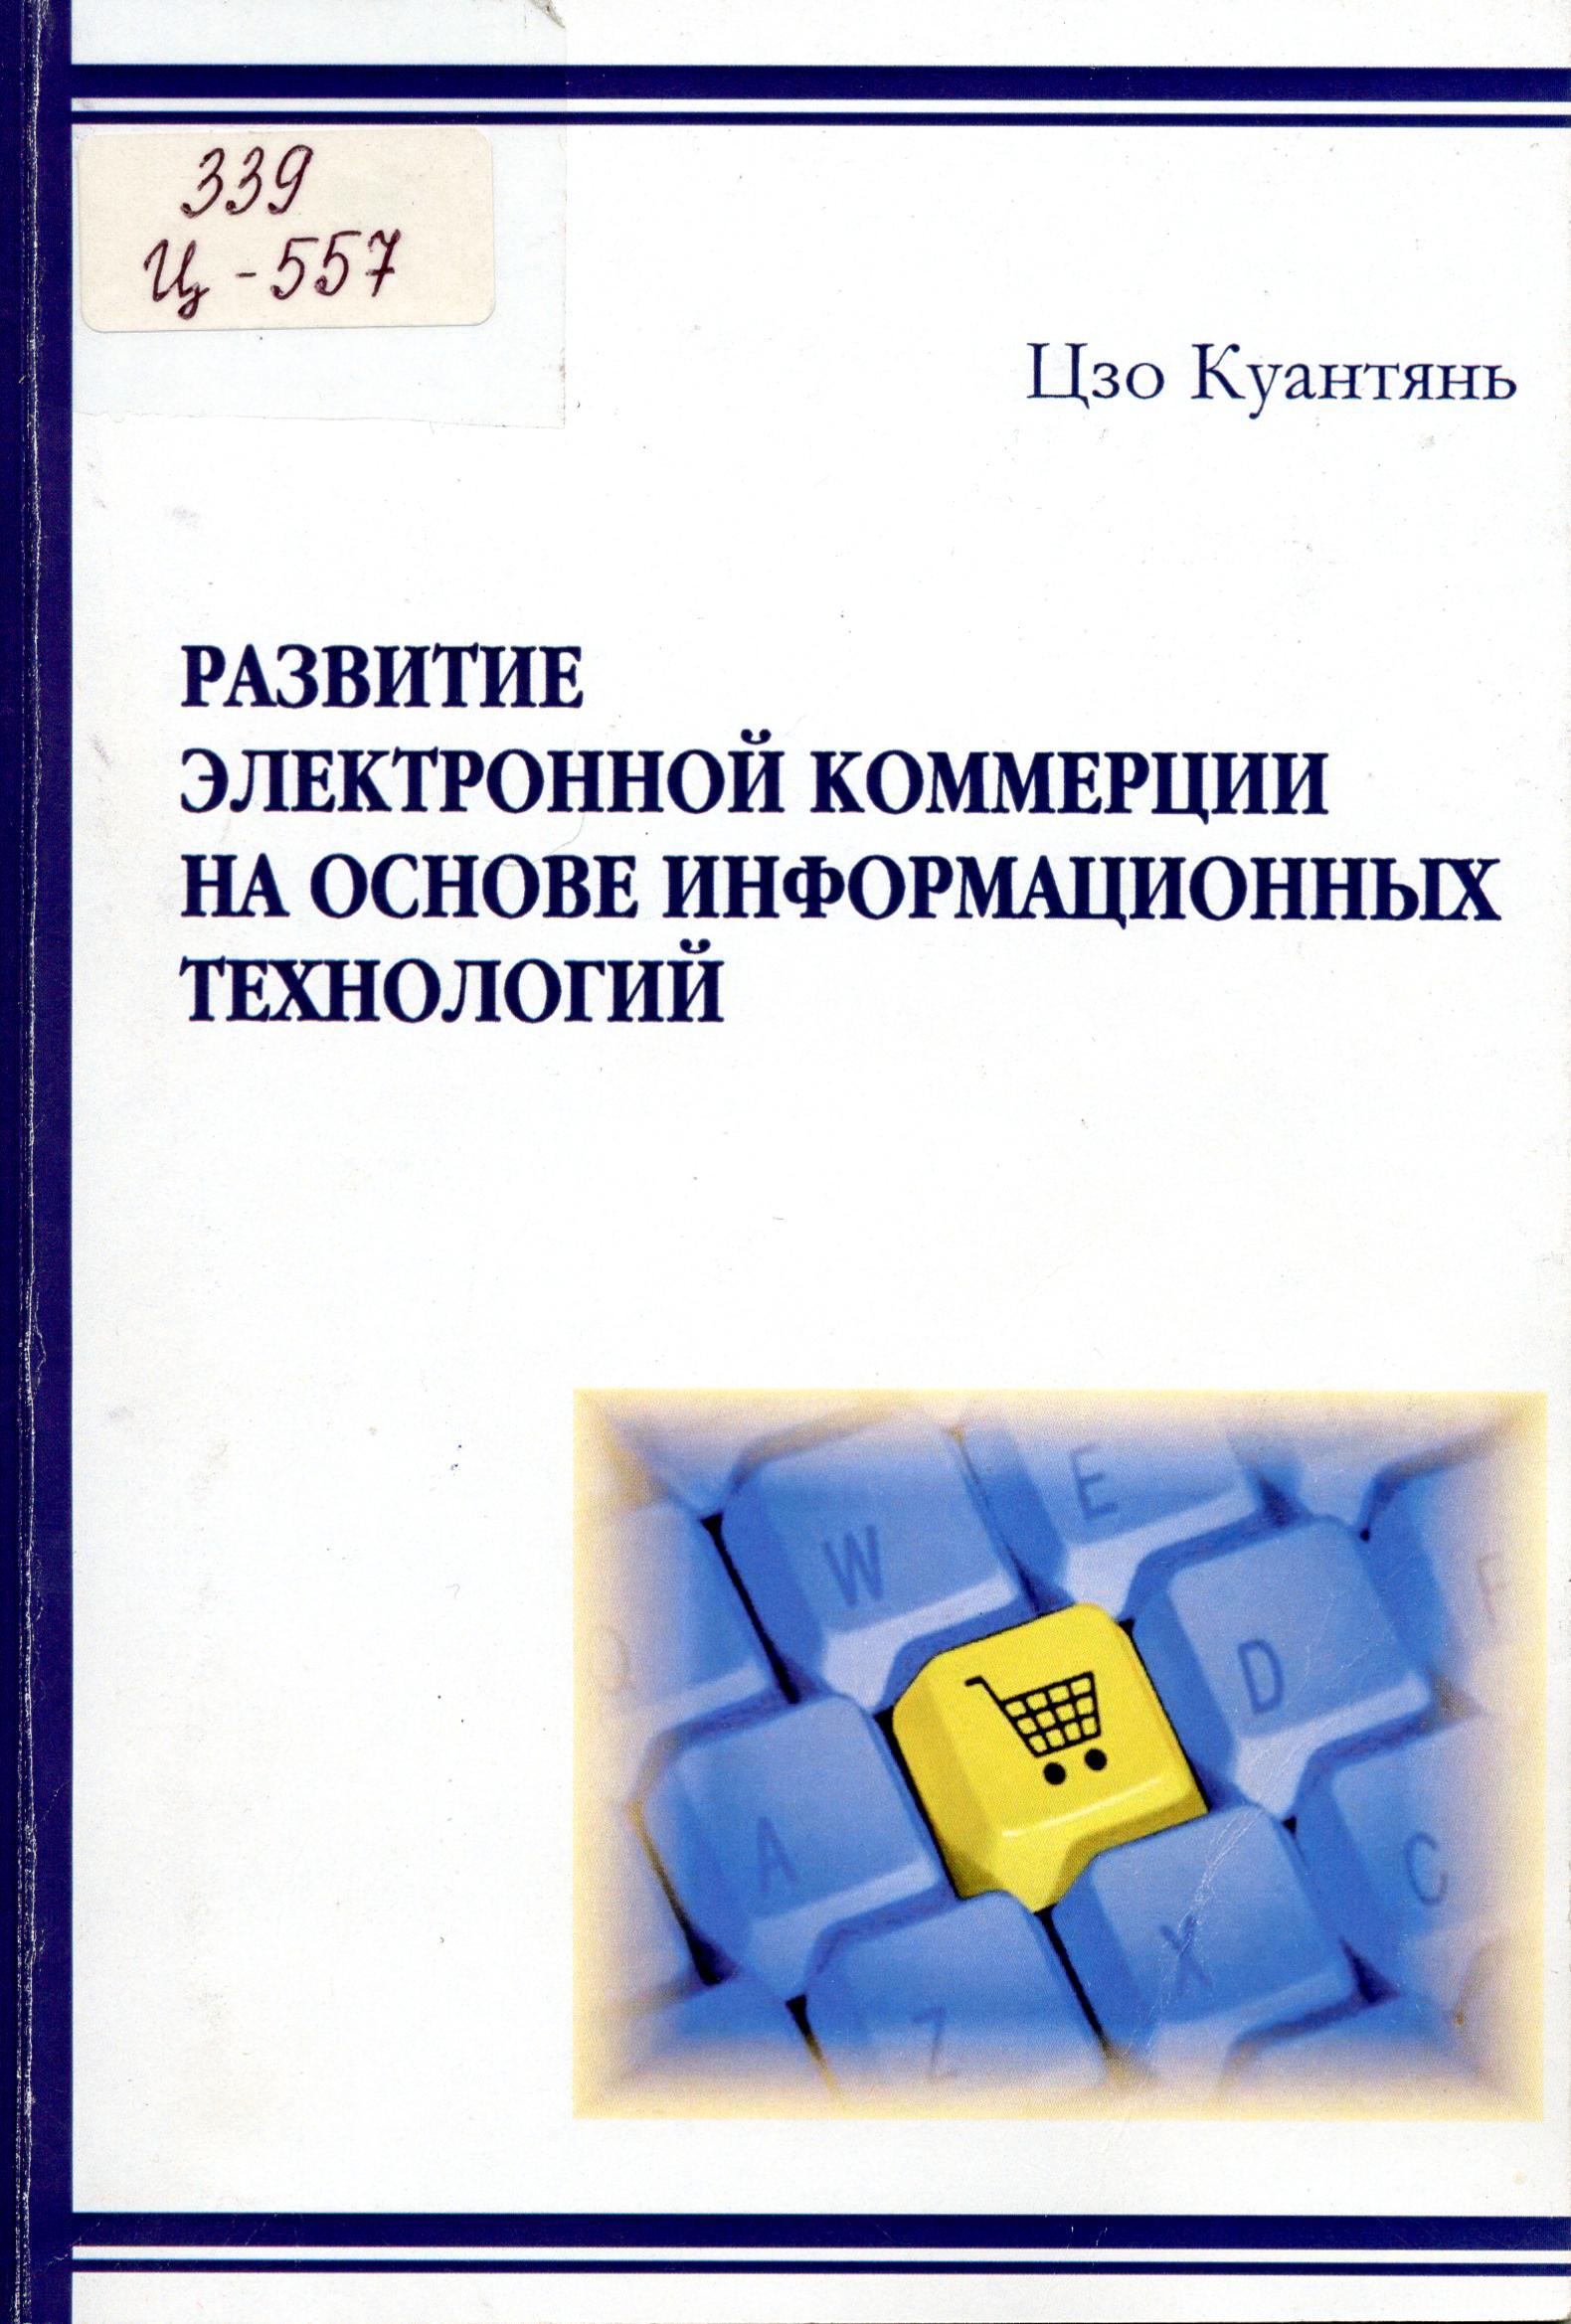 Развитие электронной коммерции на основе информационных технологий